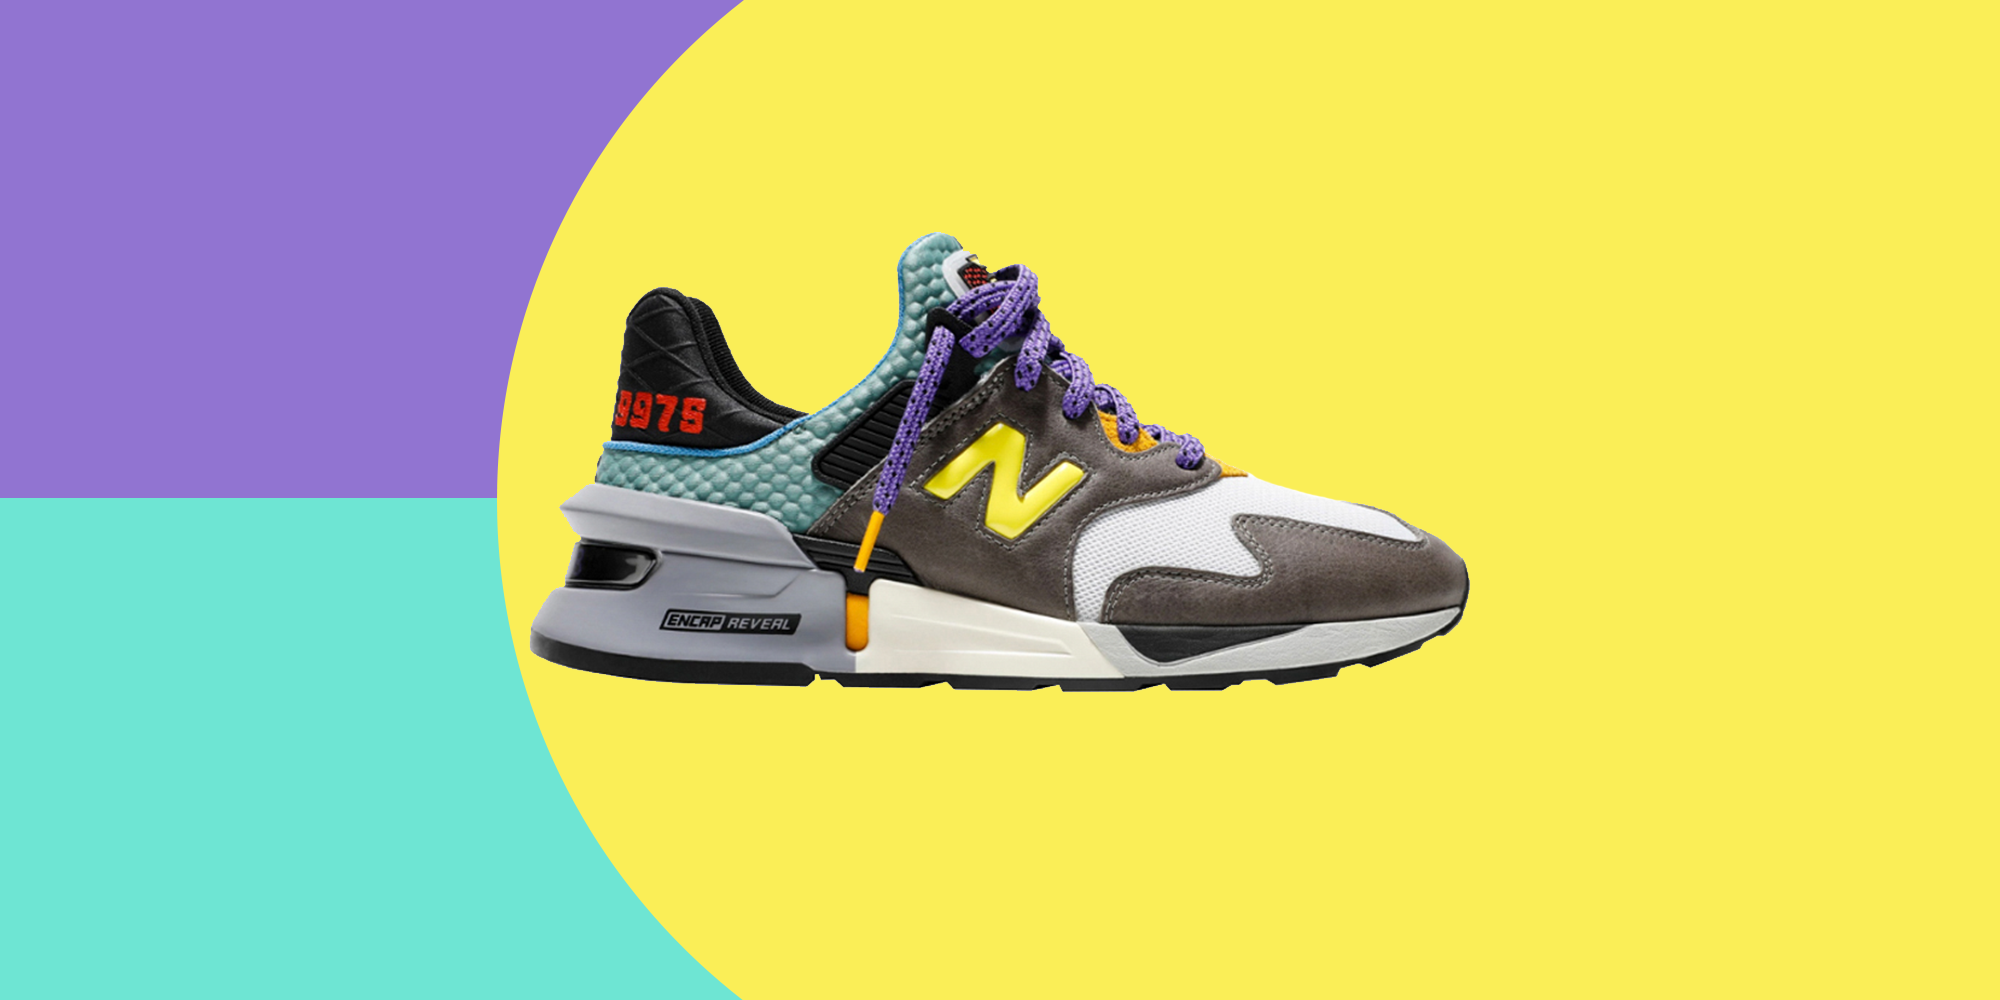 12 Biggest Sneaker Releases This Week